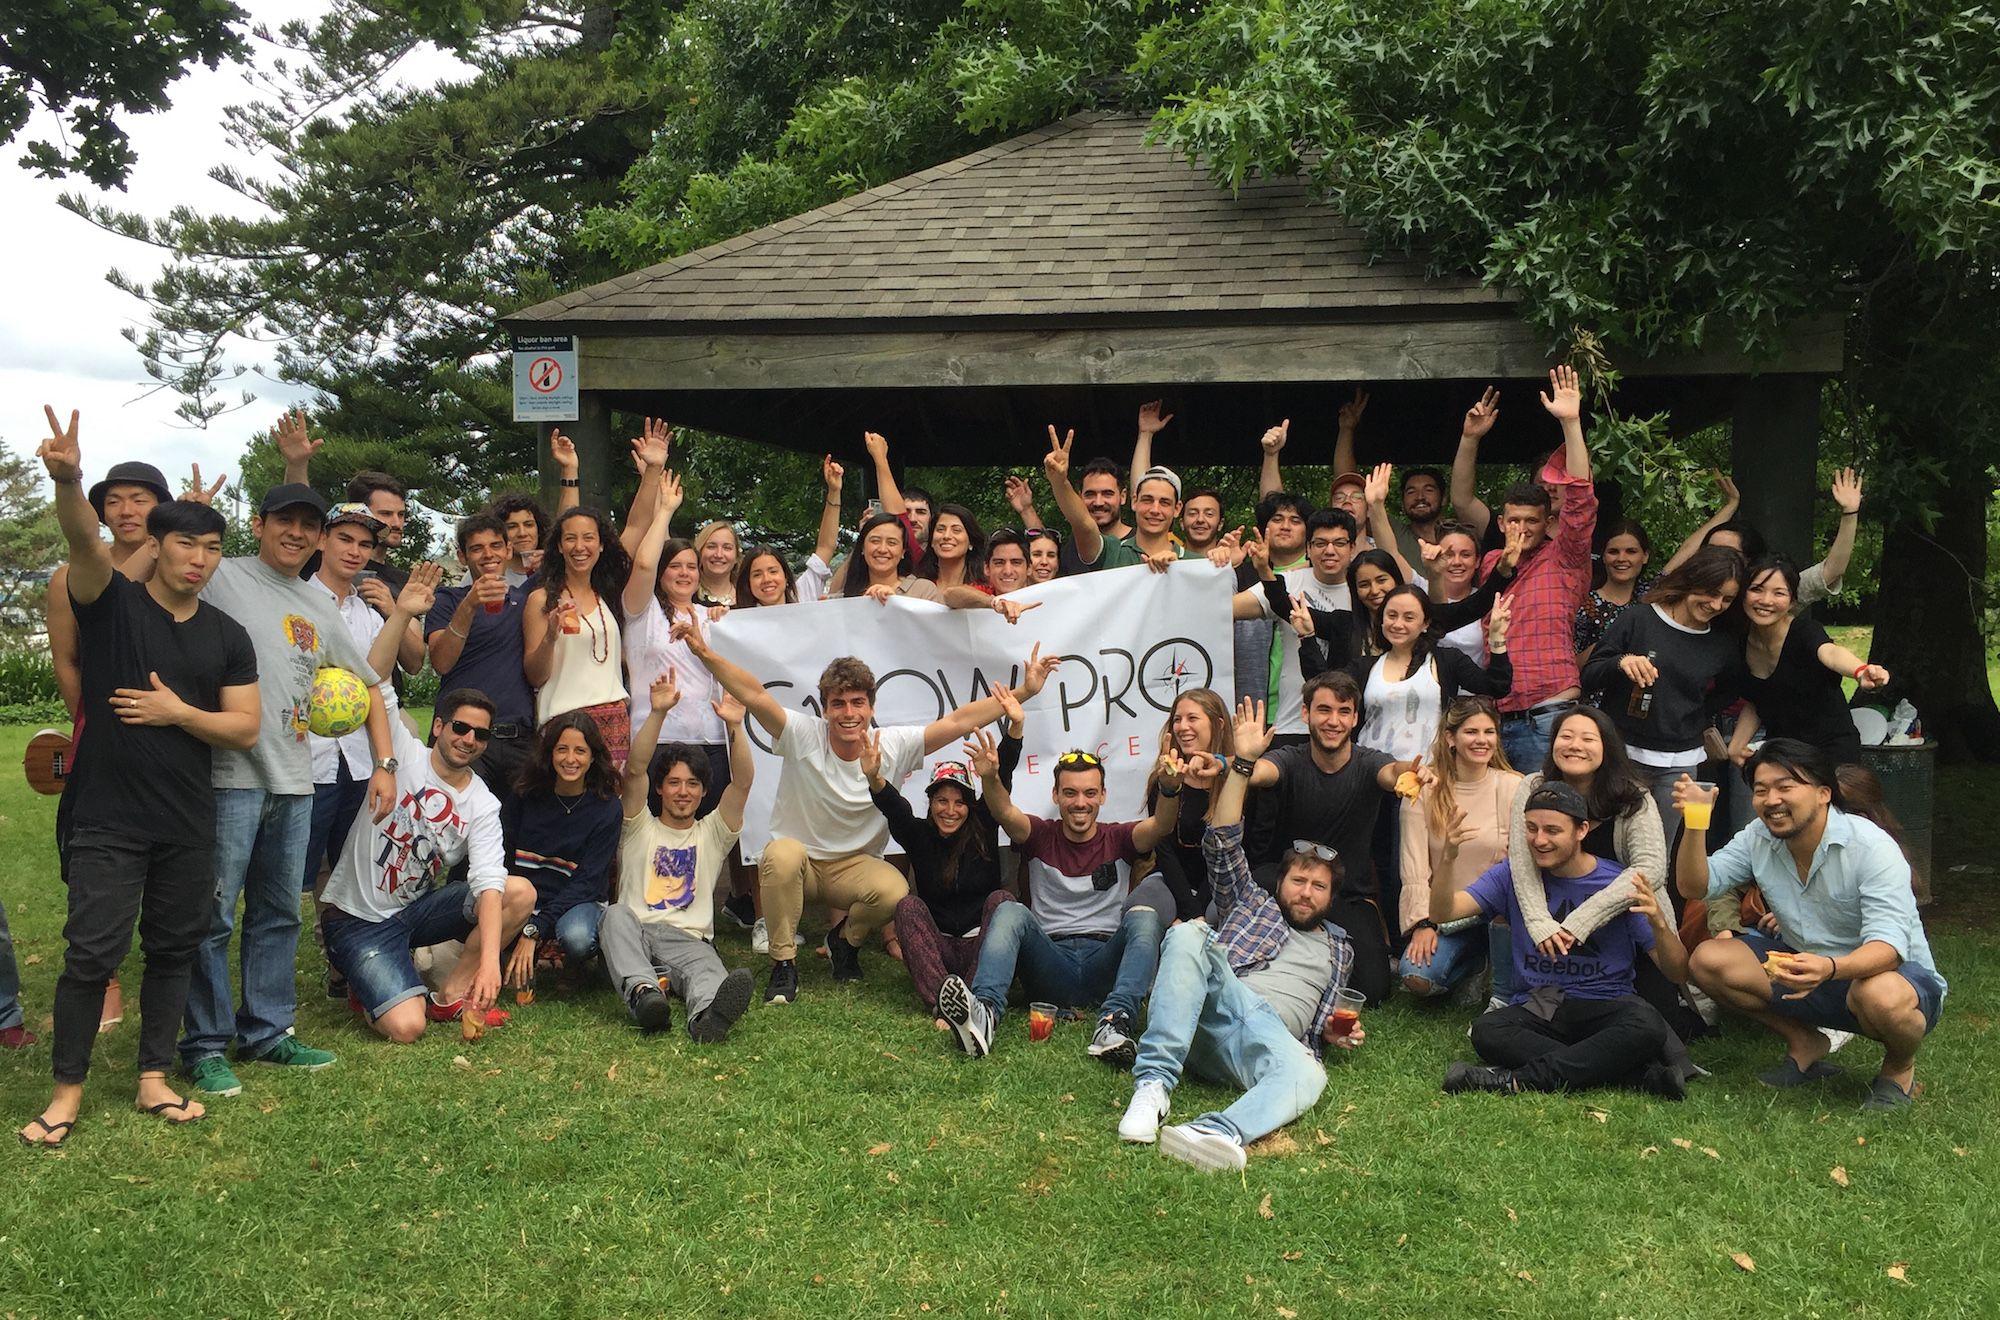 Miembros del equipo y usuarios de GrowPro Experience, en Auckland (Nueva Zelanda).